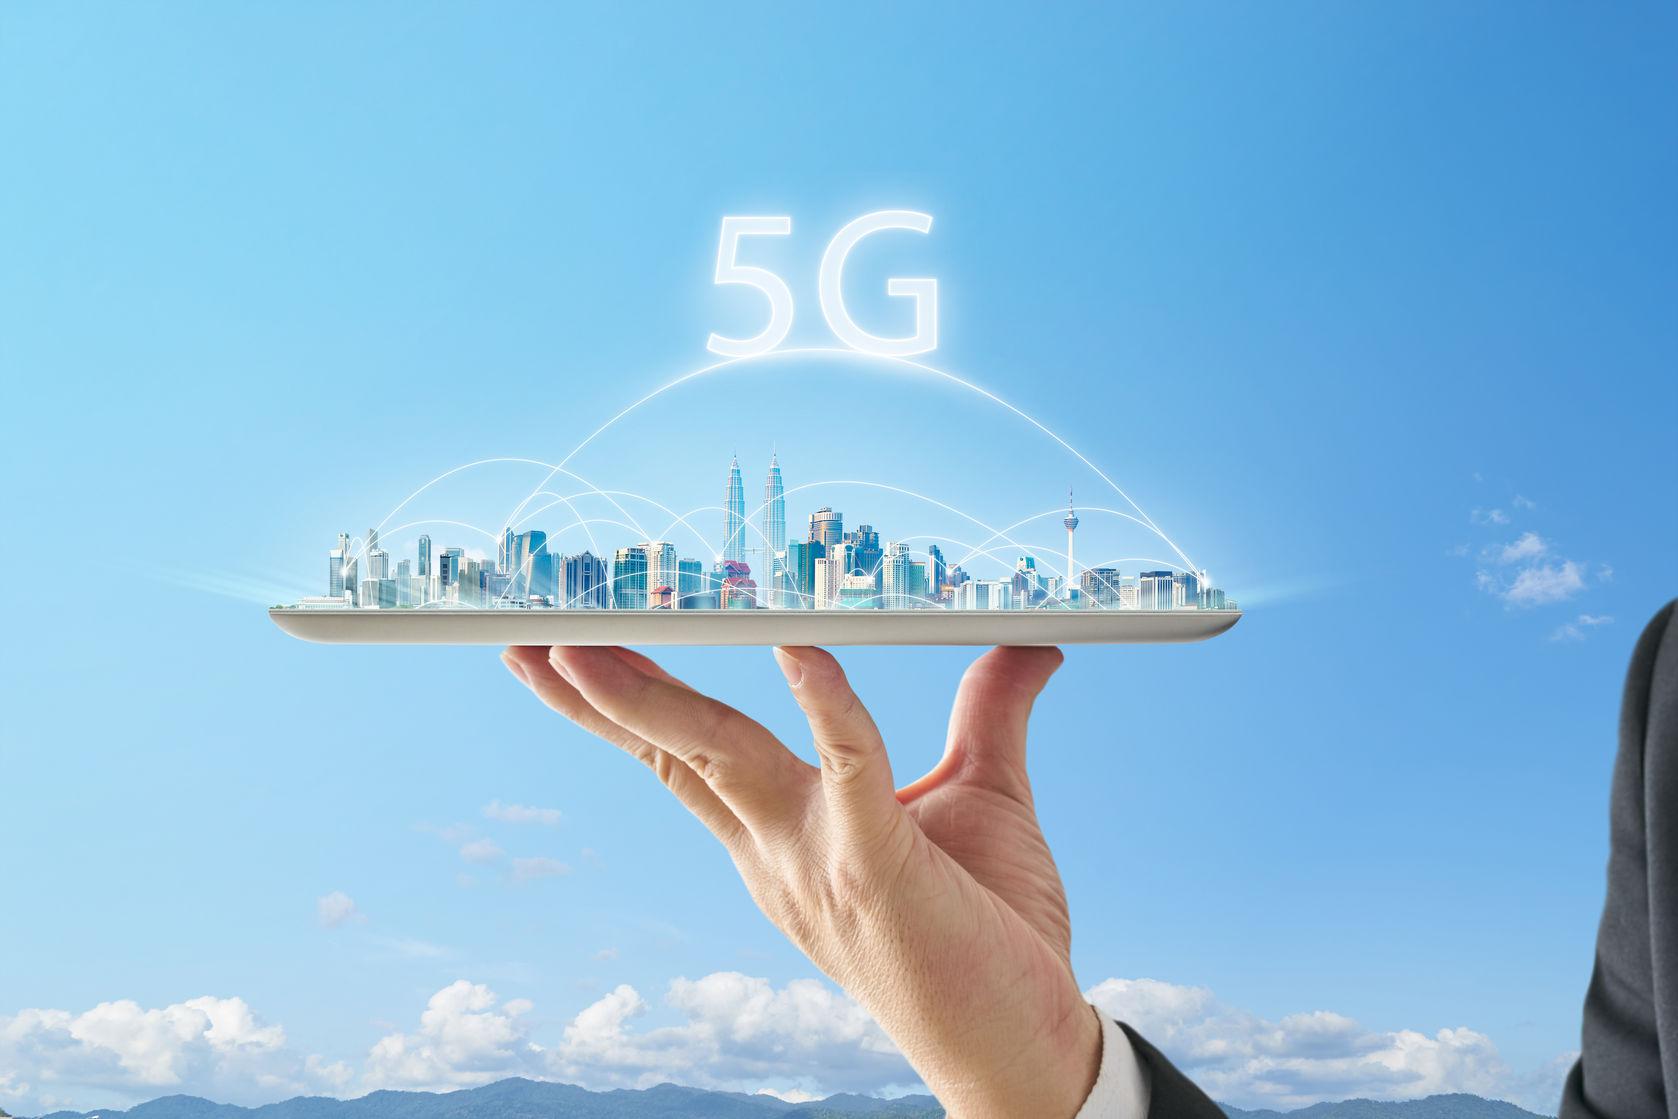 新兴产业将成今年投资增长主动力 重点投向5G等